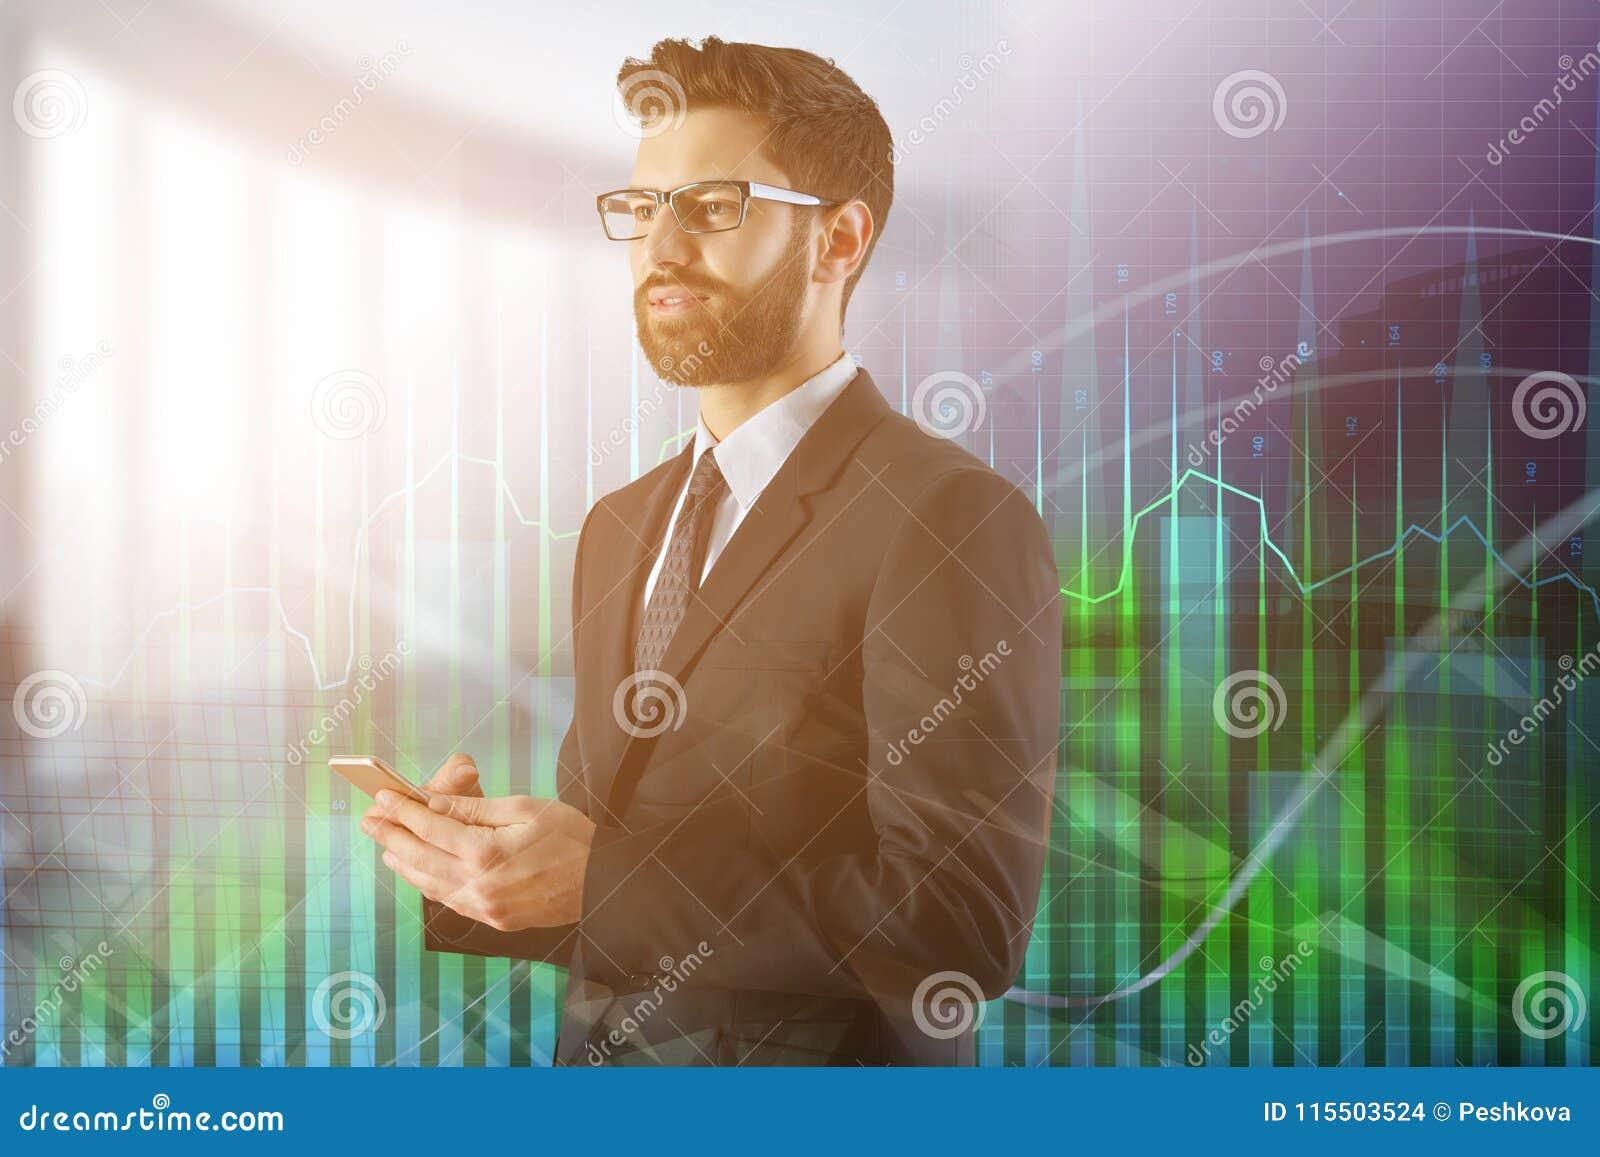 Concepto de la tecnología, de las finanzas y de la economía